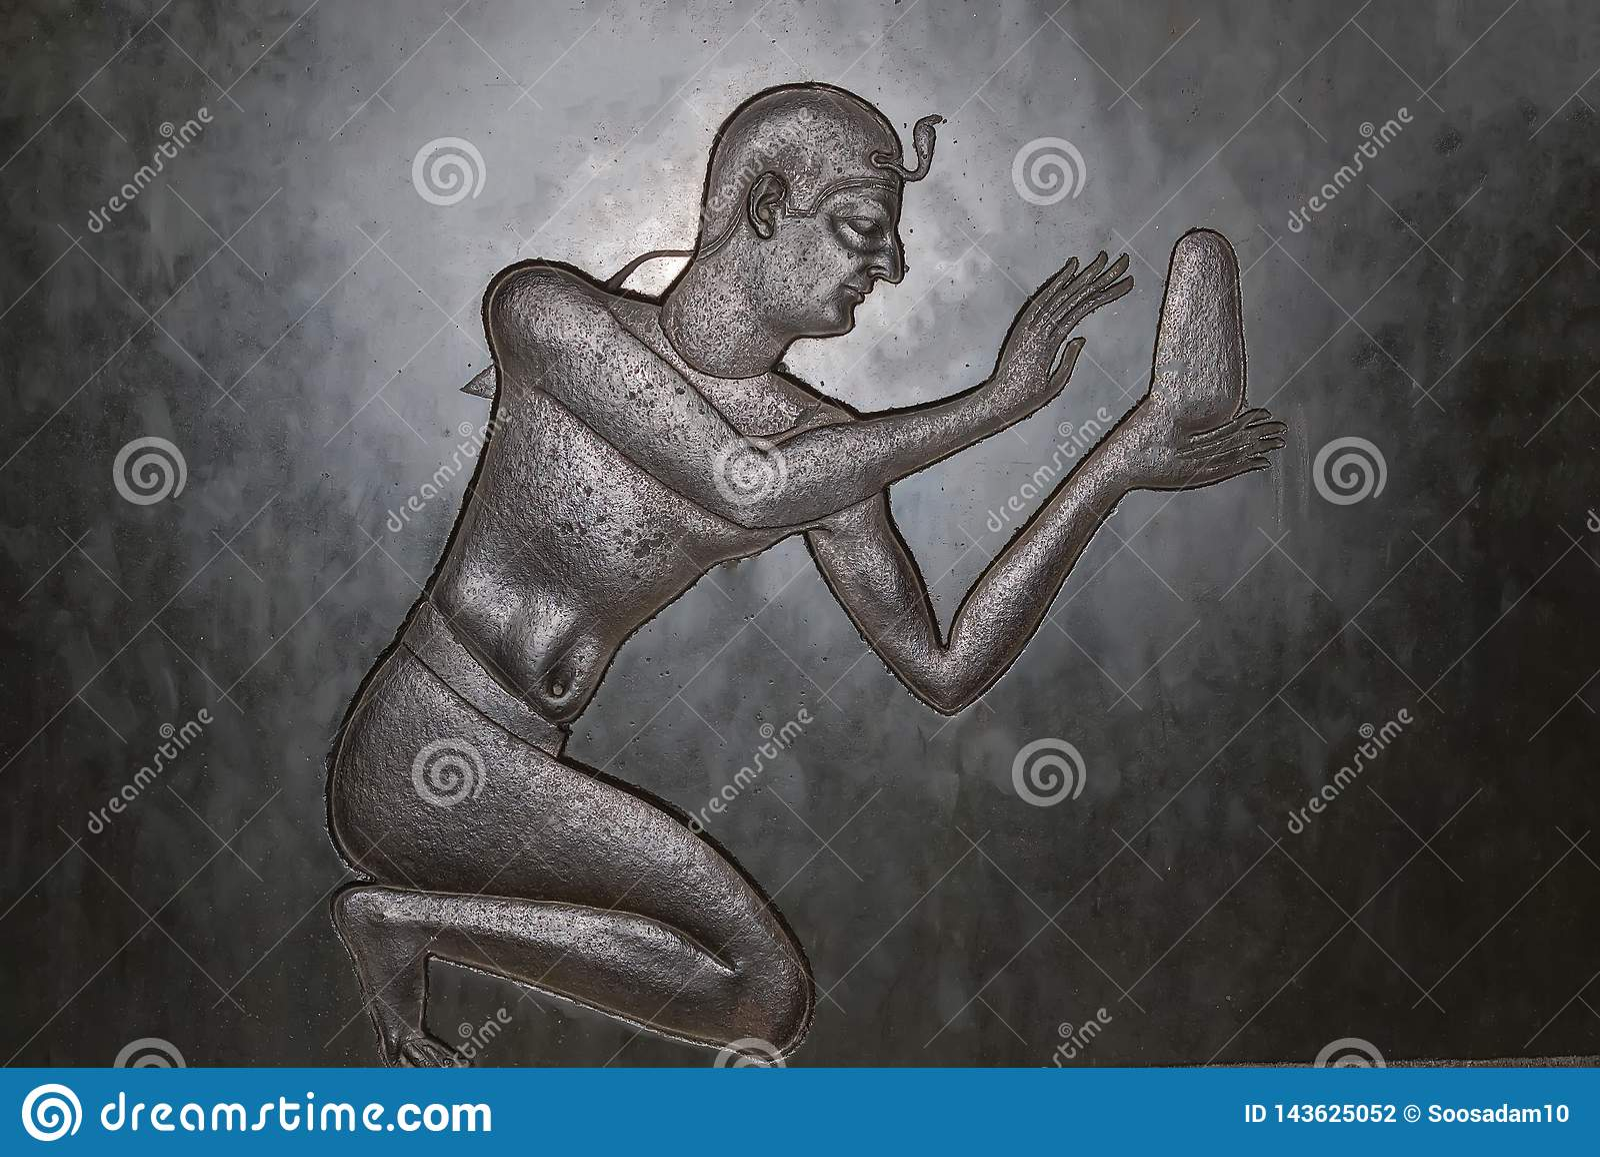 Simbolo egiziano antico